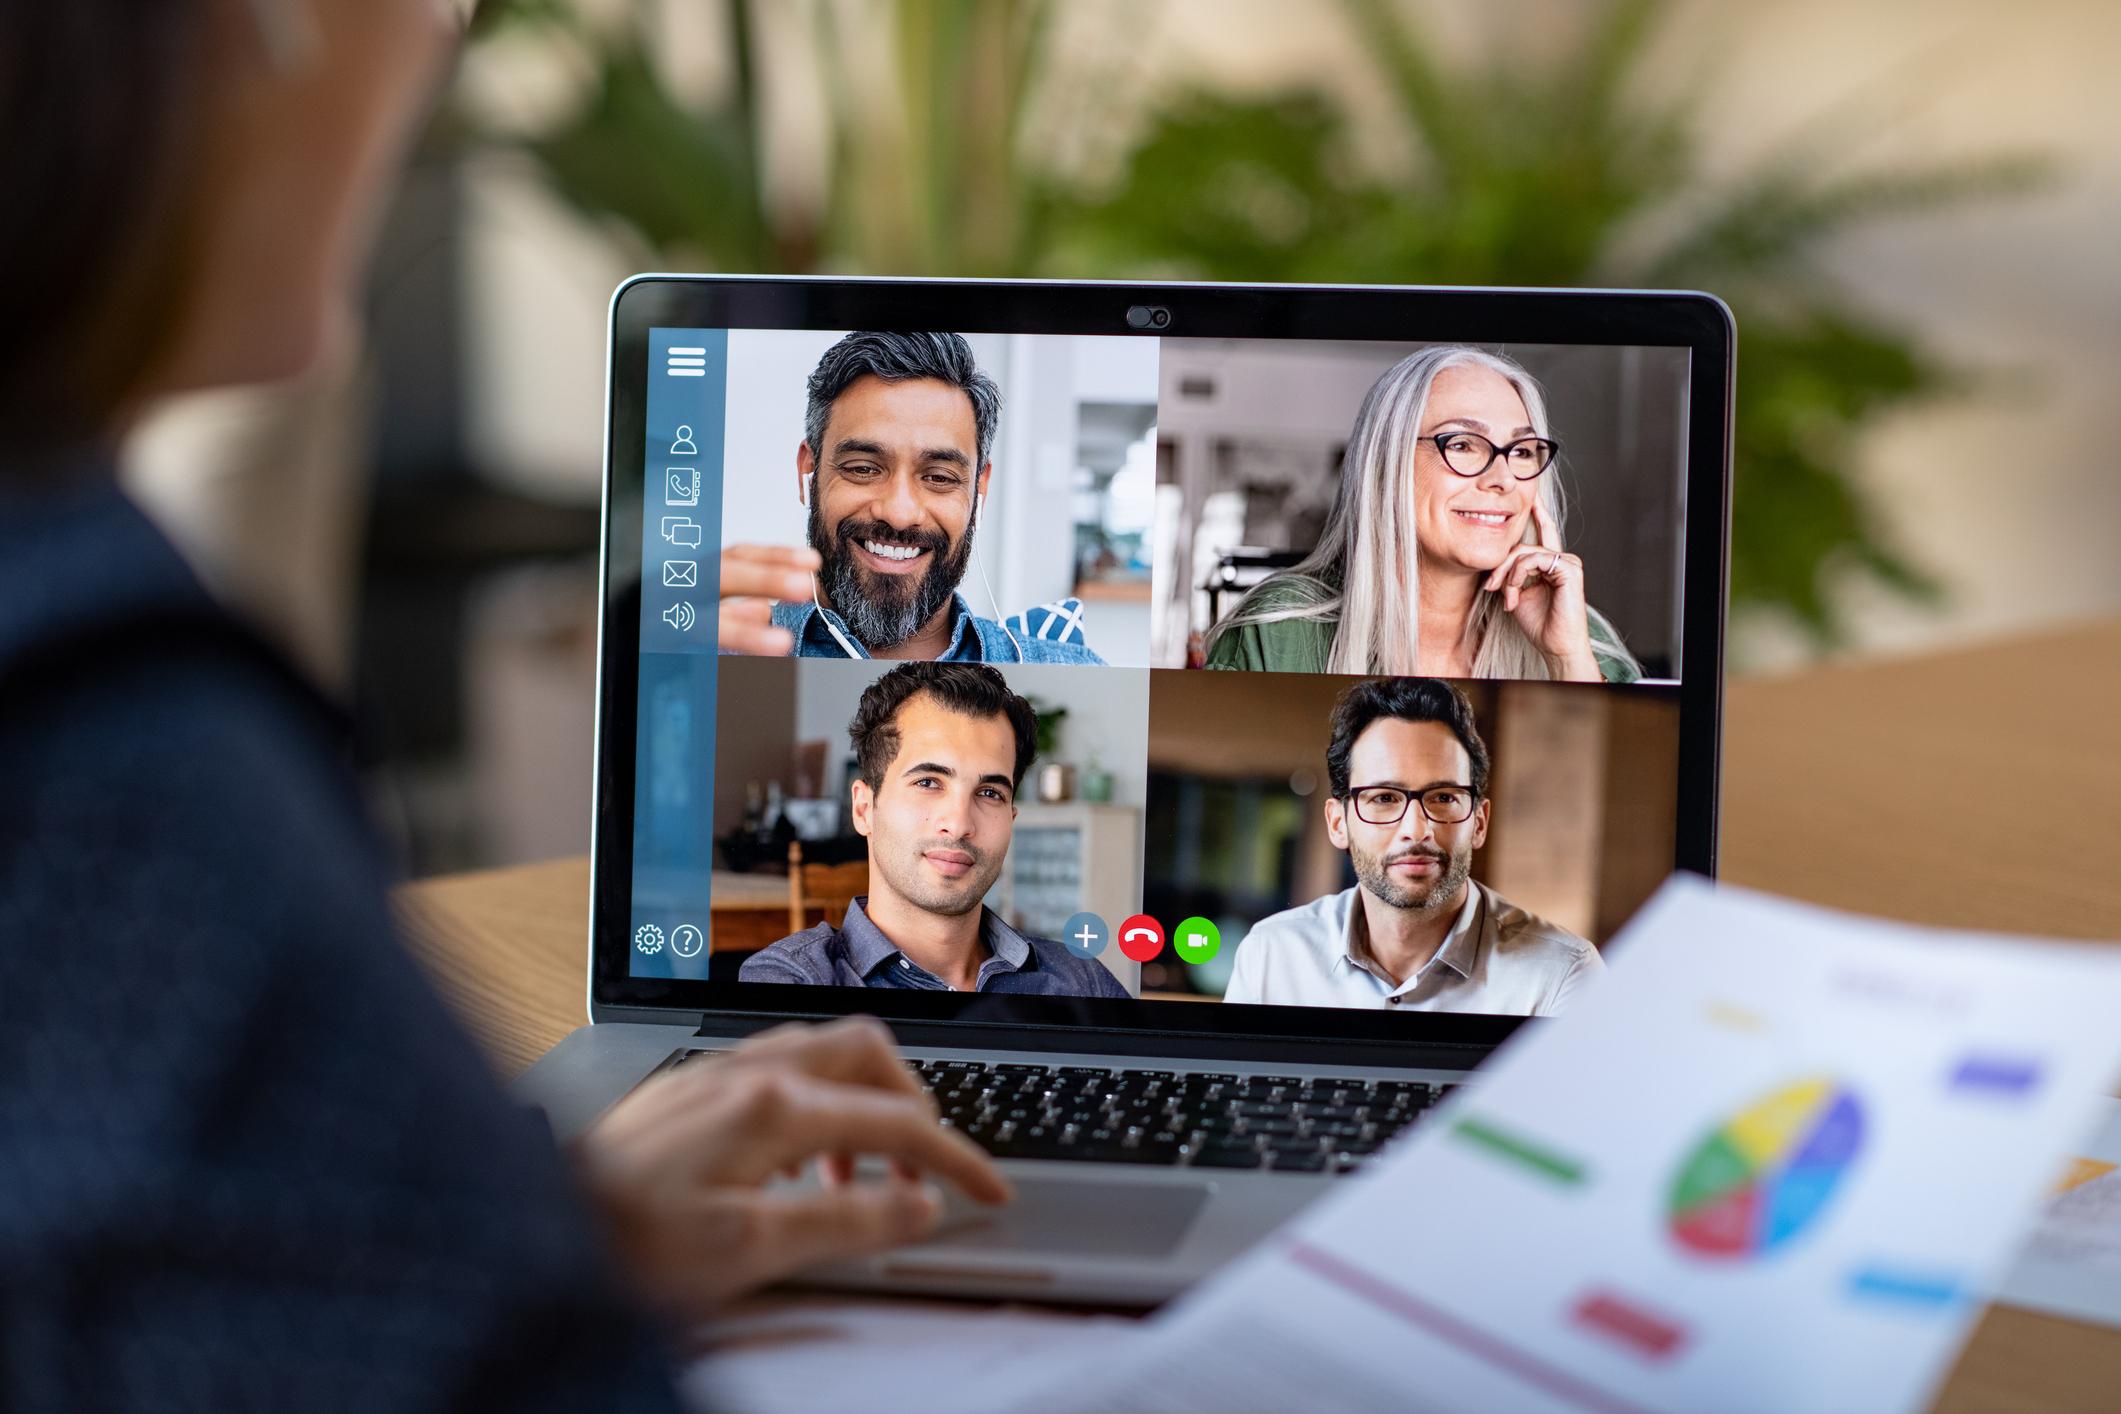 Reuniões em videoconferência: regras de etiqueta